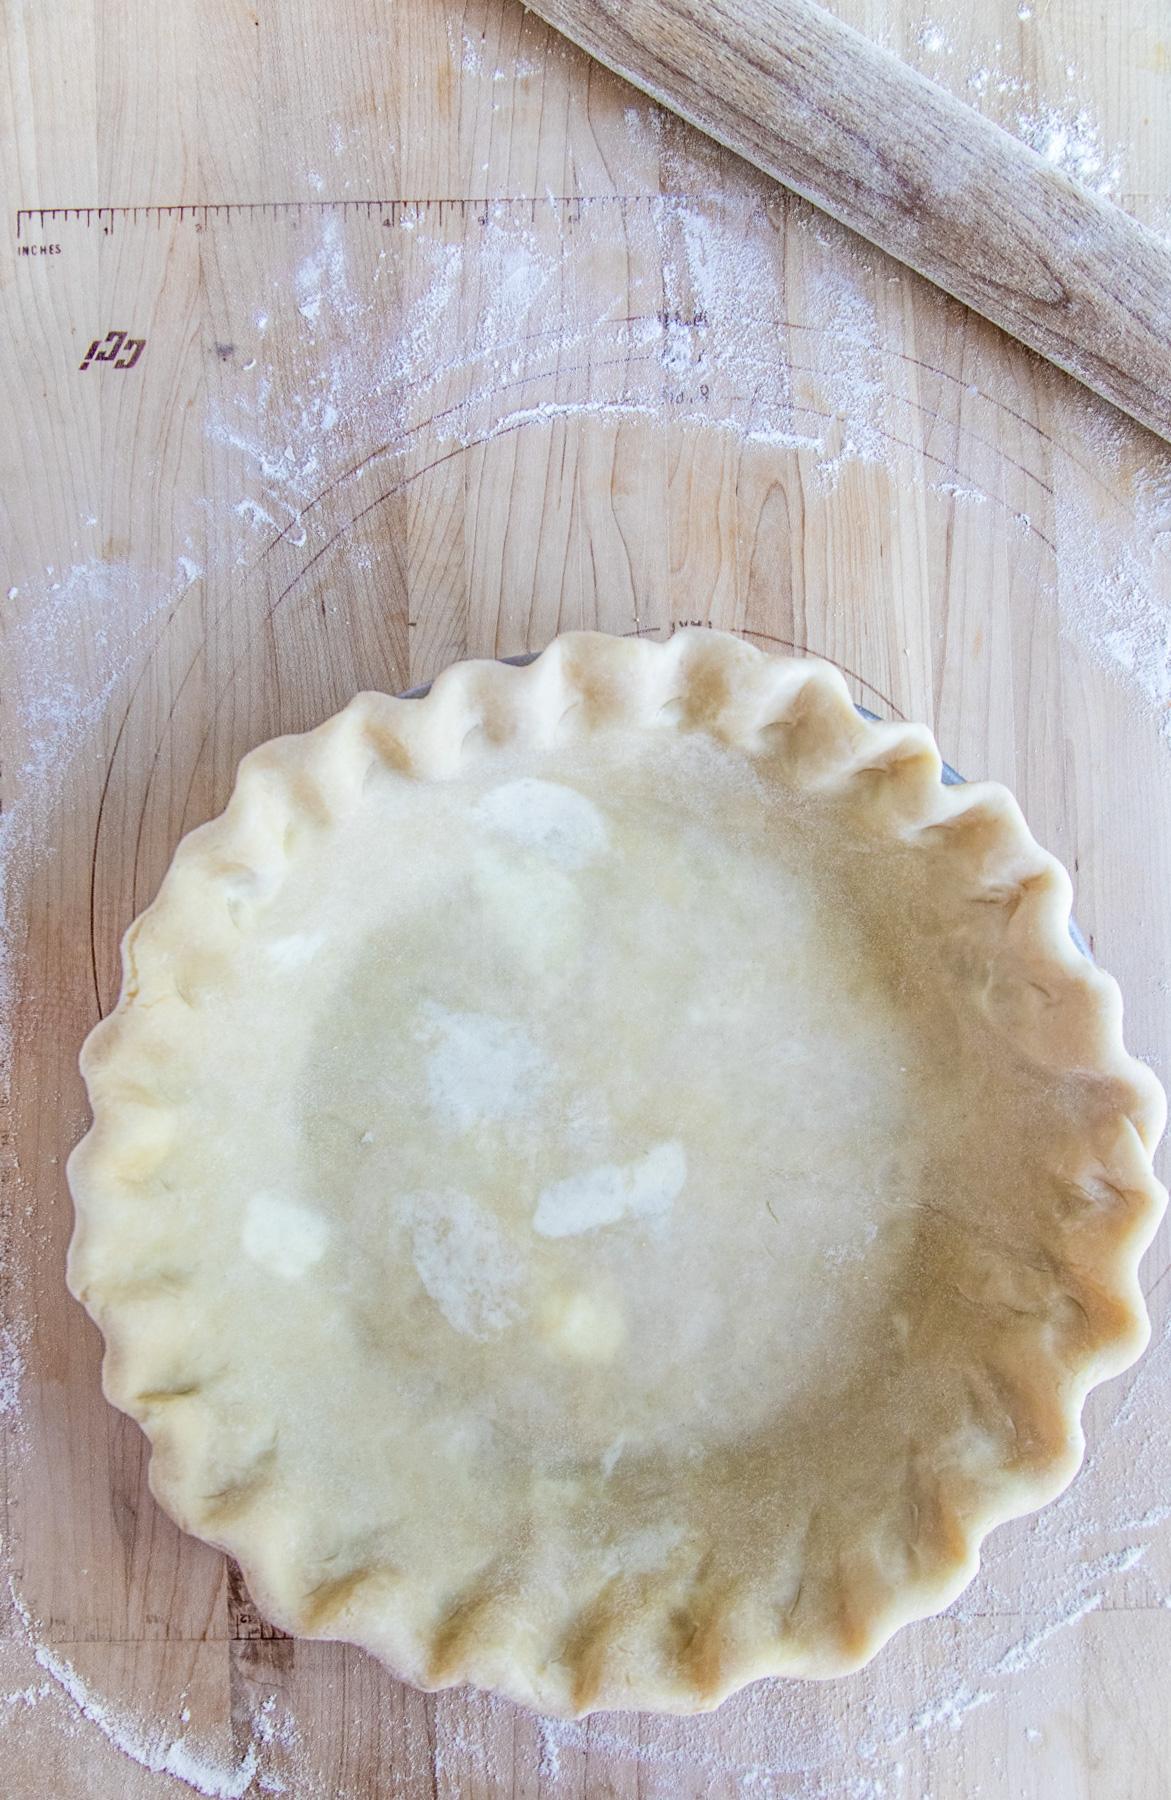 Pie dough shaped in pie pan